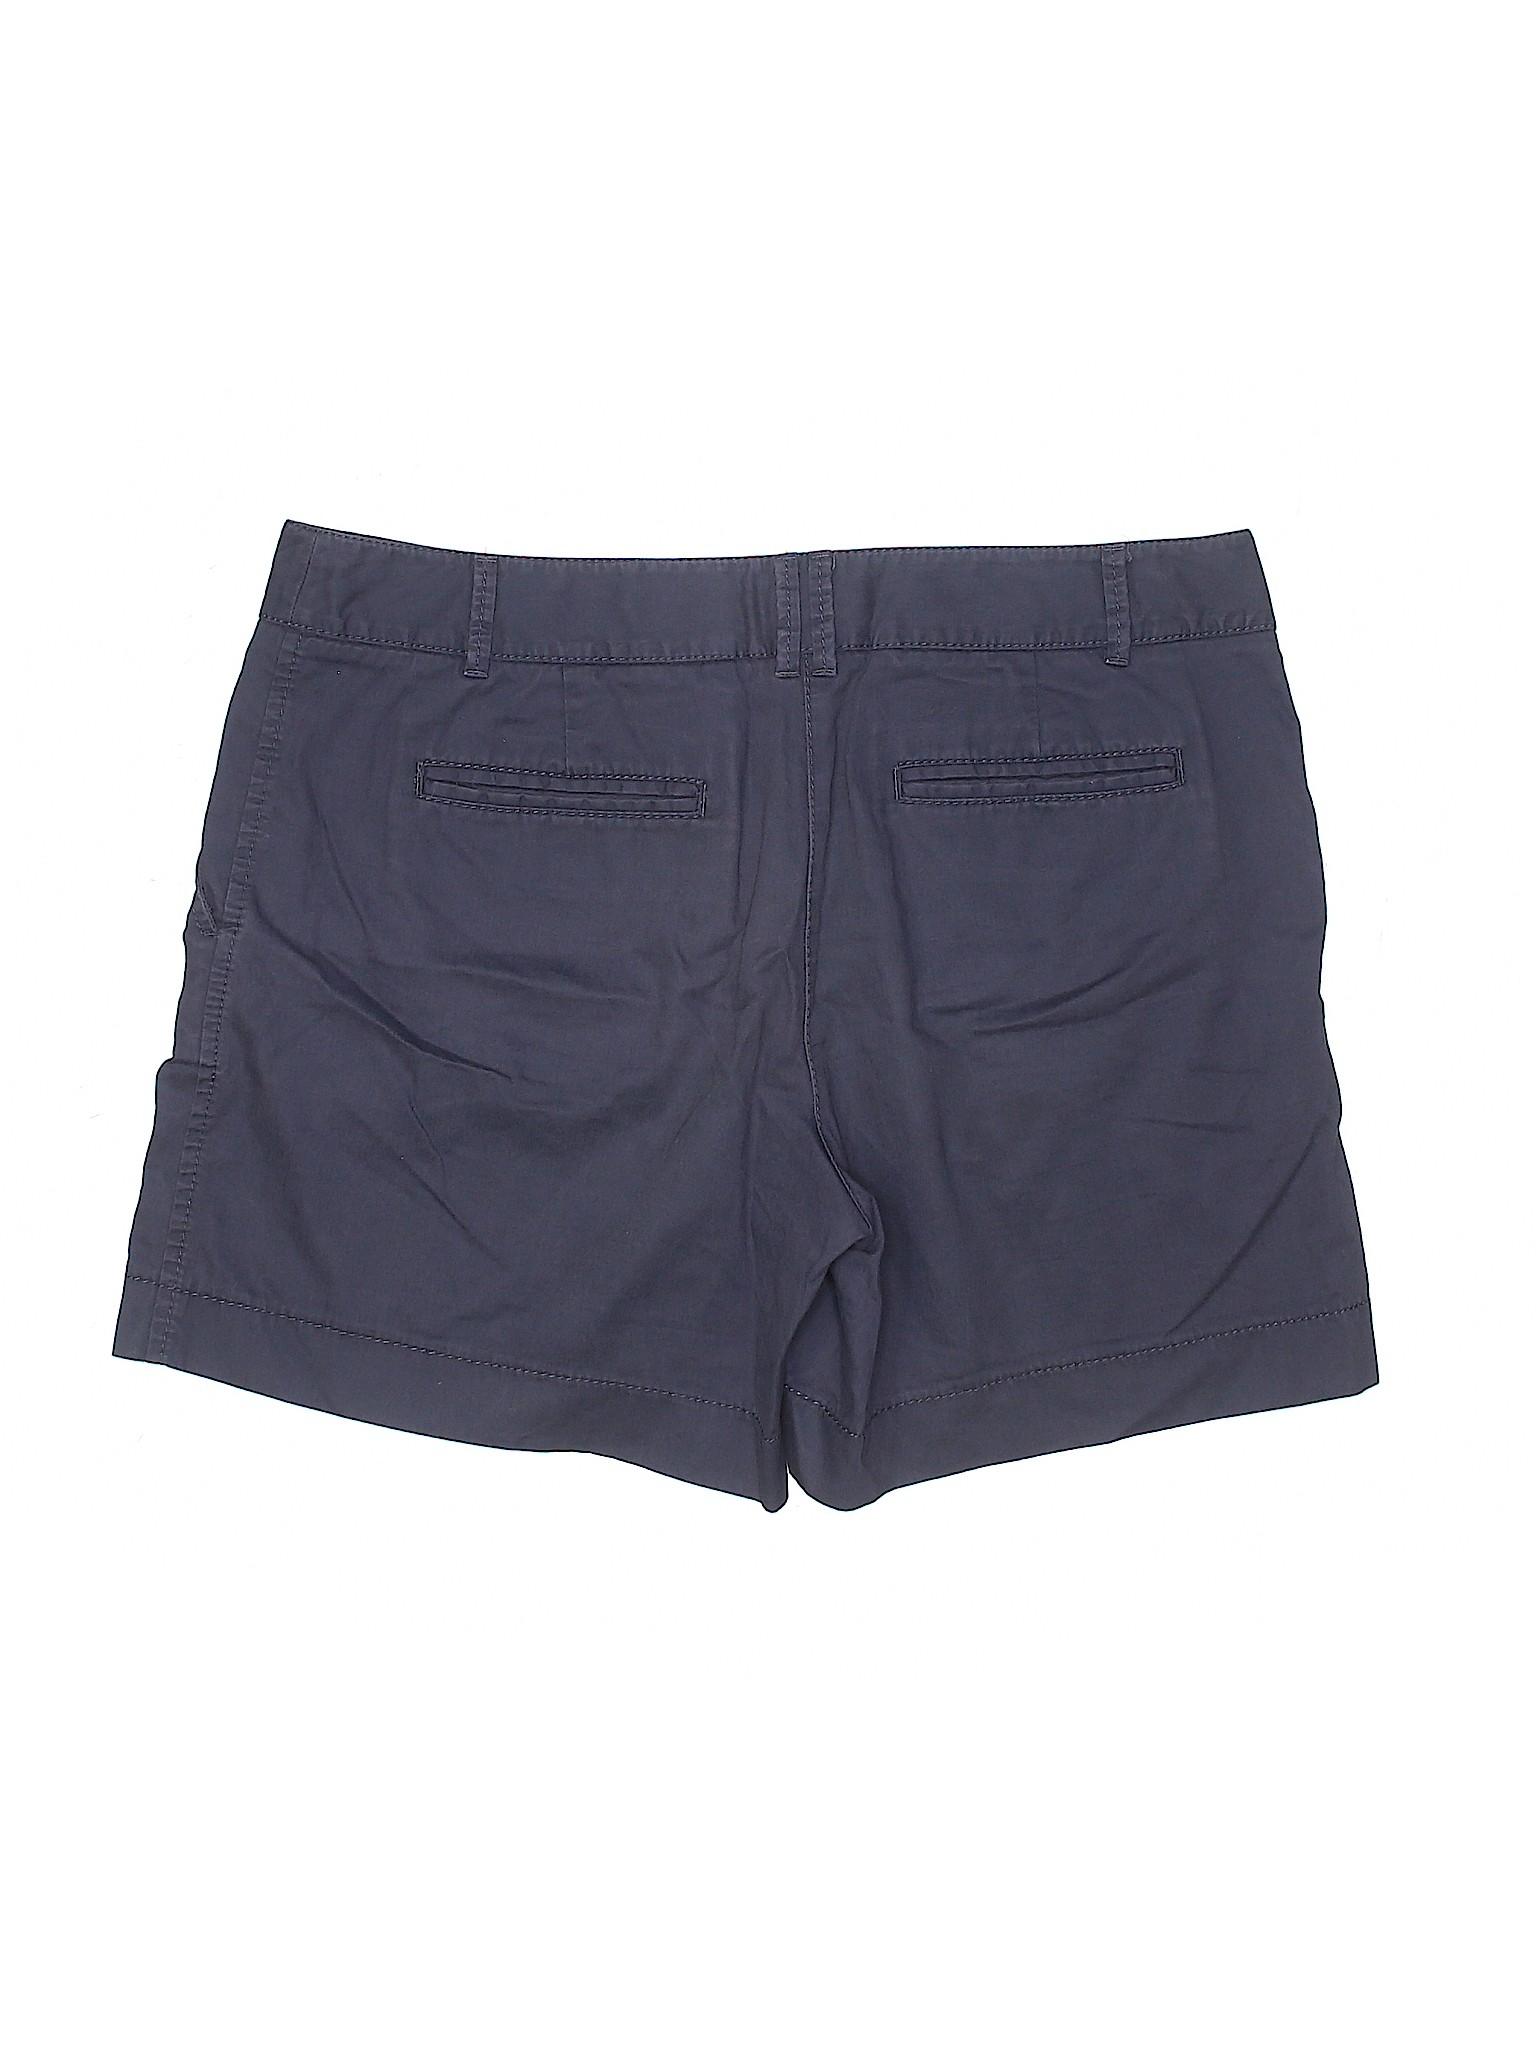 Shorts Ann Boutique Taylor Boutique LOFT LOFT Boutique Taylor Shorts Ann IwI4qzCP